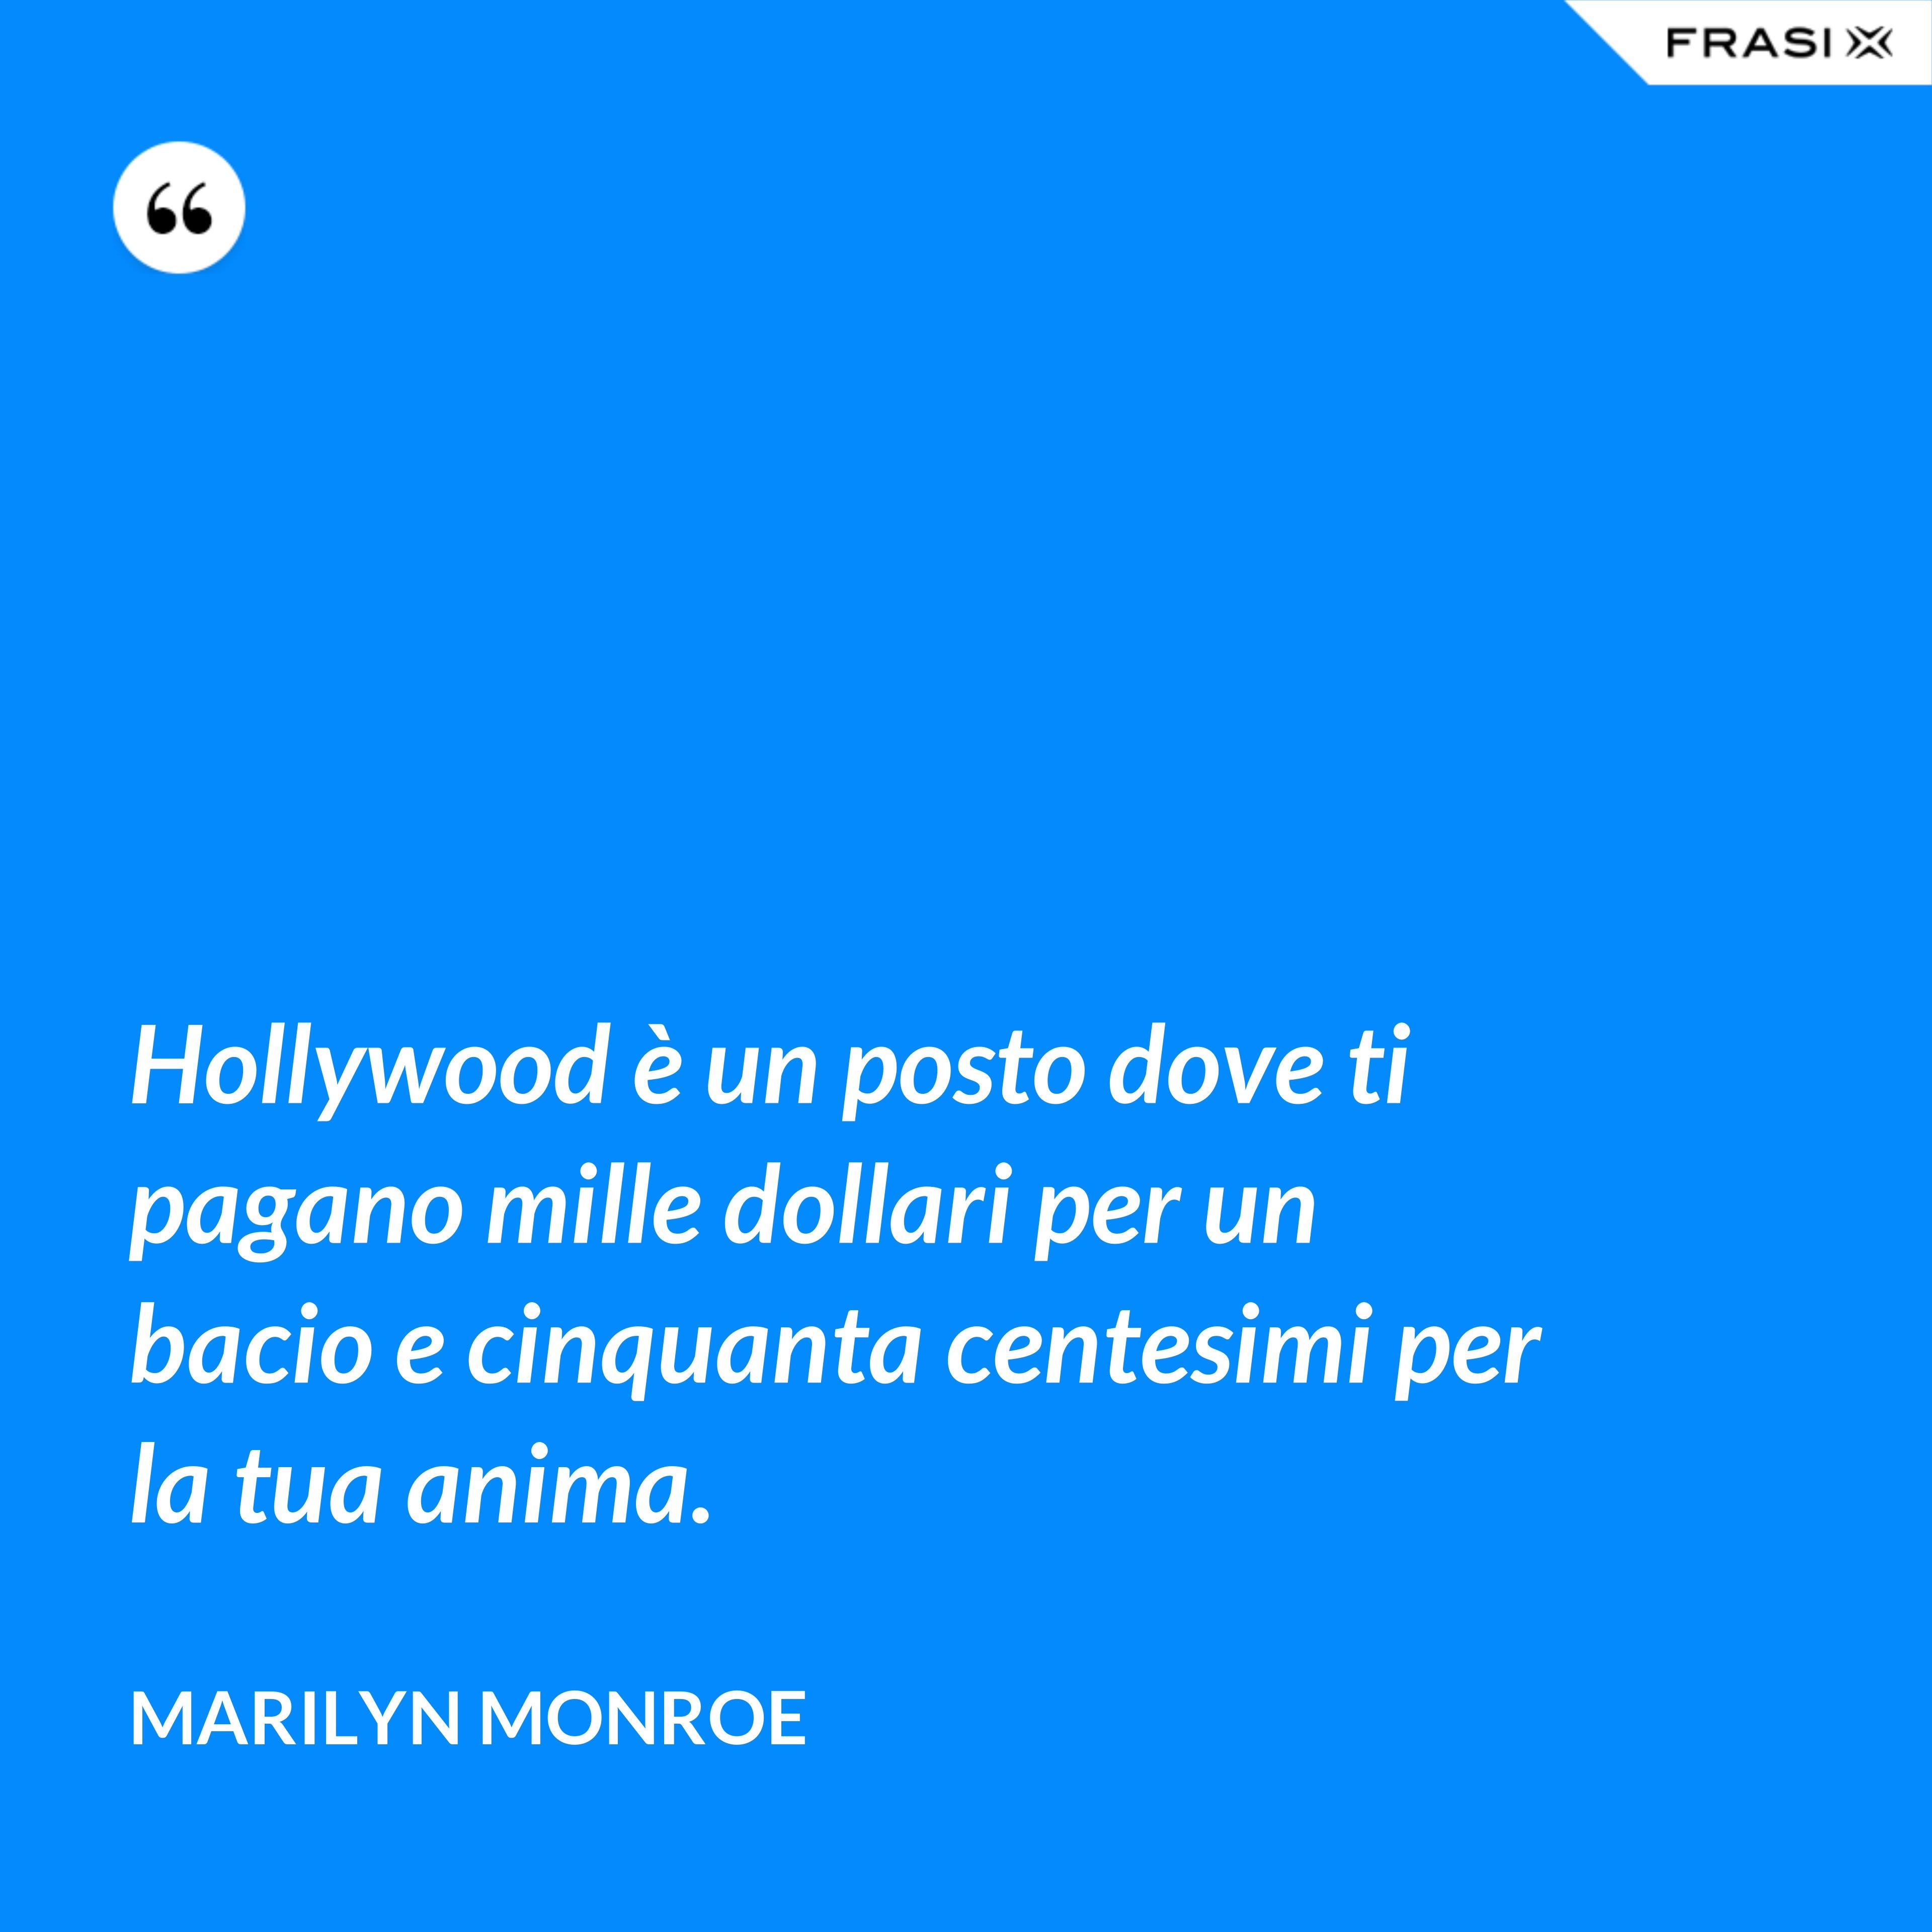 Hollywood è un posto dove ti pagano mille dollari per un bacio e cinquanta centesimi per la tua anima. - Marilyn Monroe